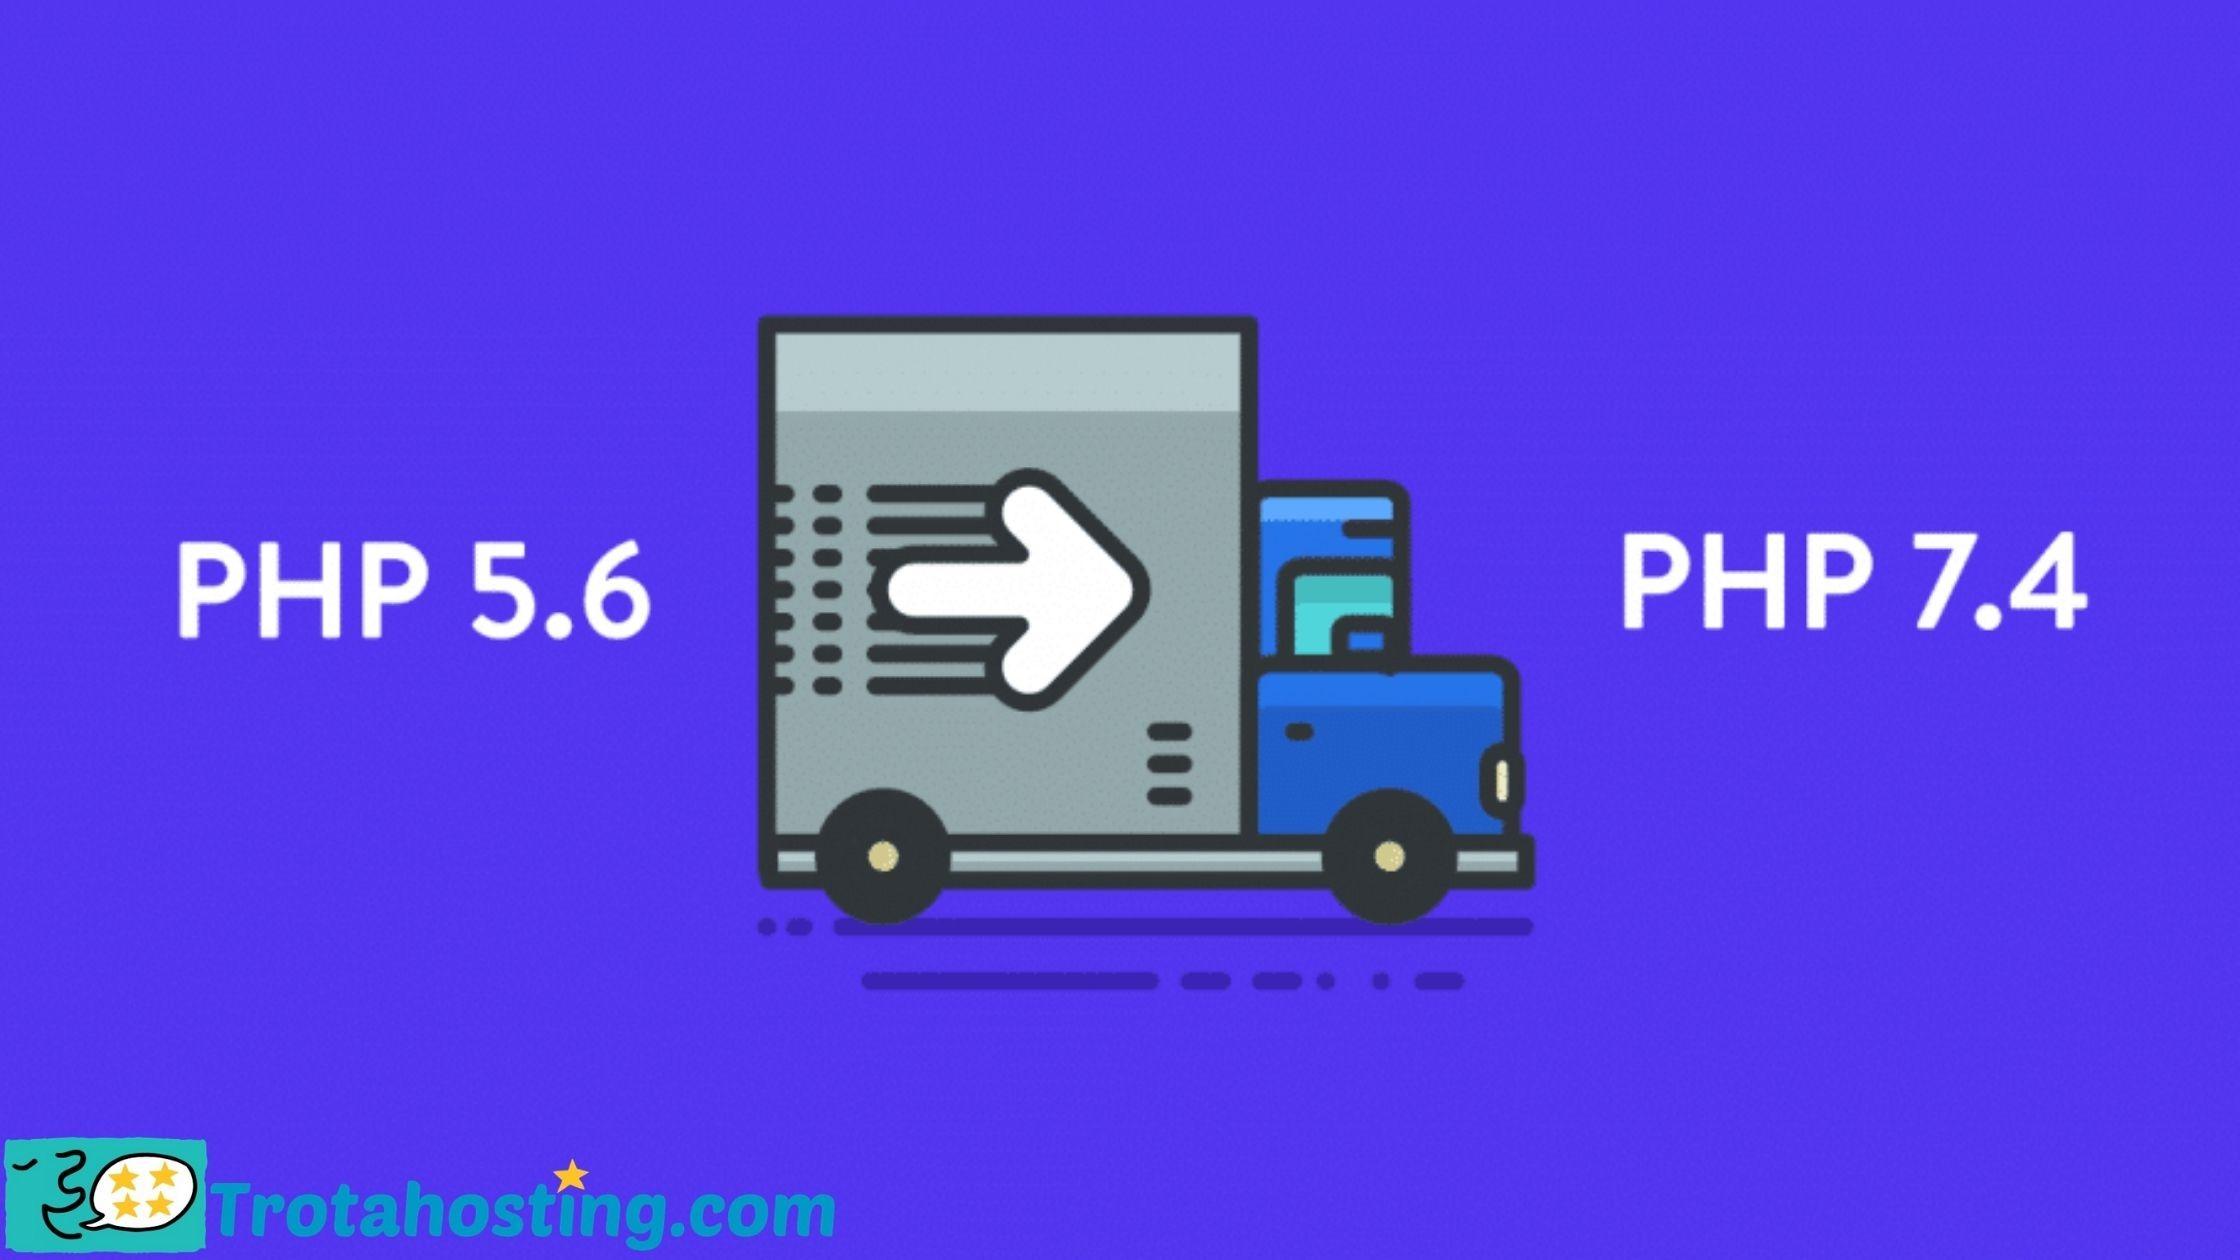 Como actualizar versiónPHPde mi servidor